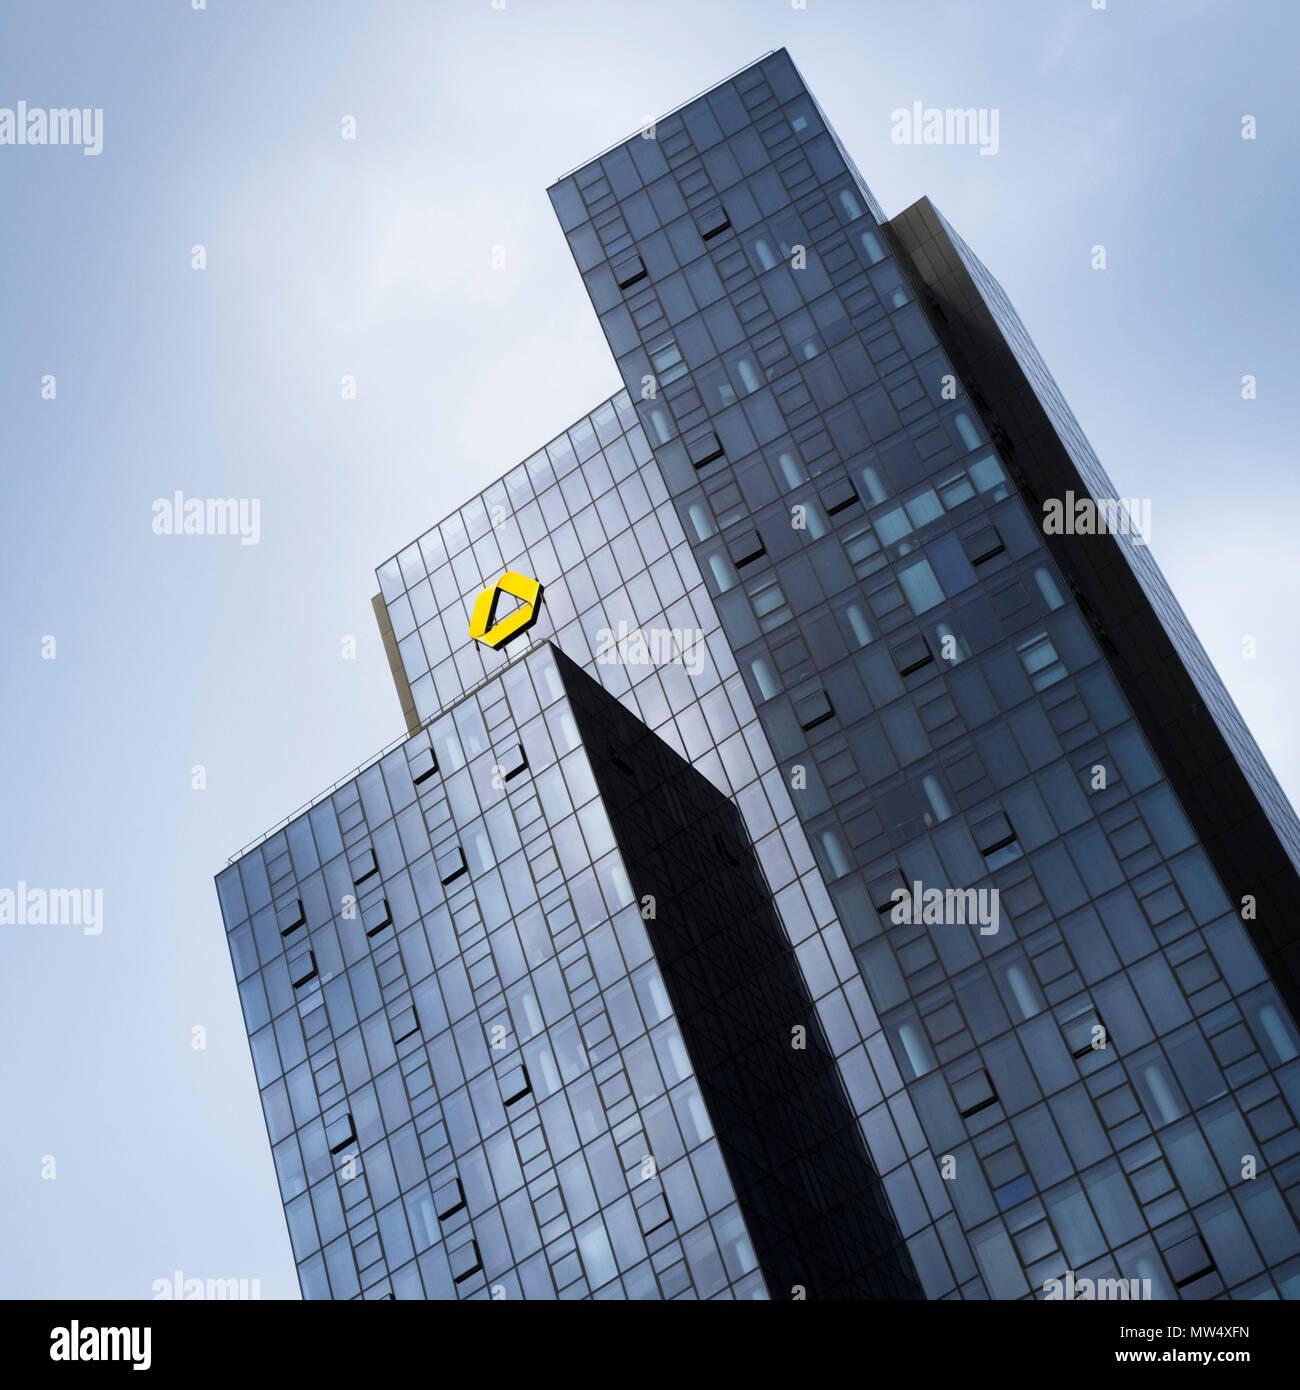 El Commerzbank Gallileo, una moderna torre de oficinas de 38 pisos en el distrito Bahnhofsviertel rascacielos de Frankfurt am Main, Hesse, Alemania Foto de stock